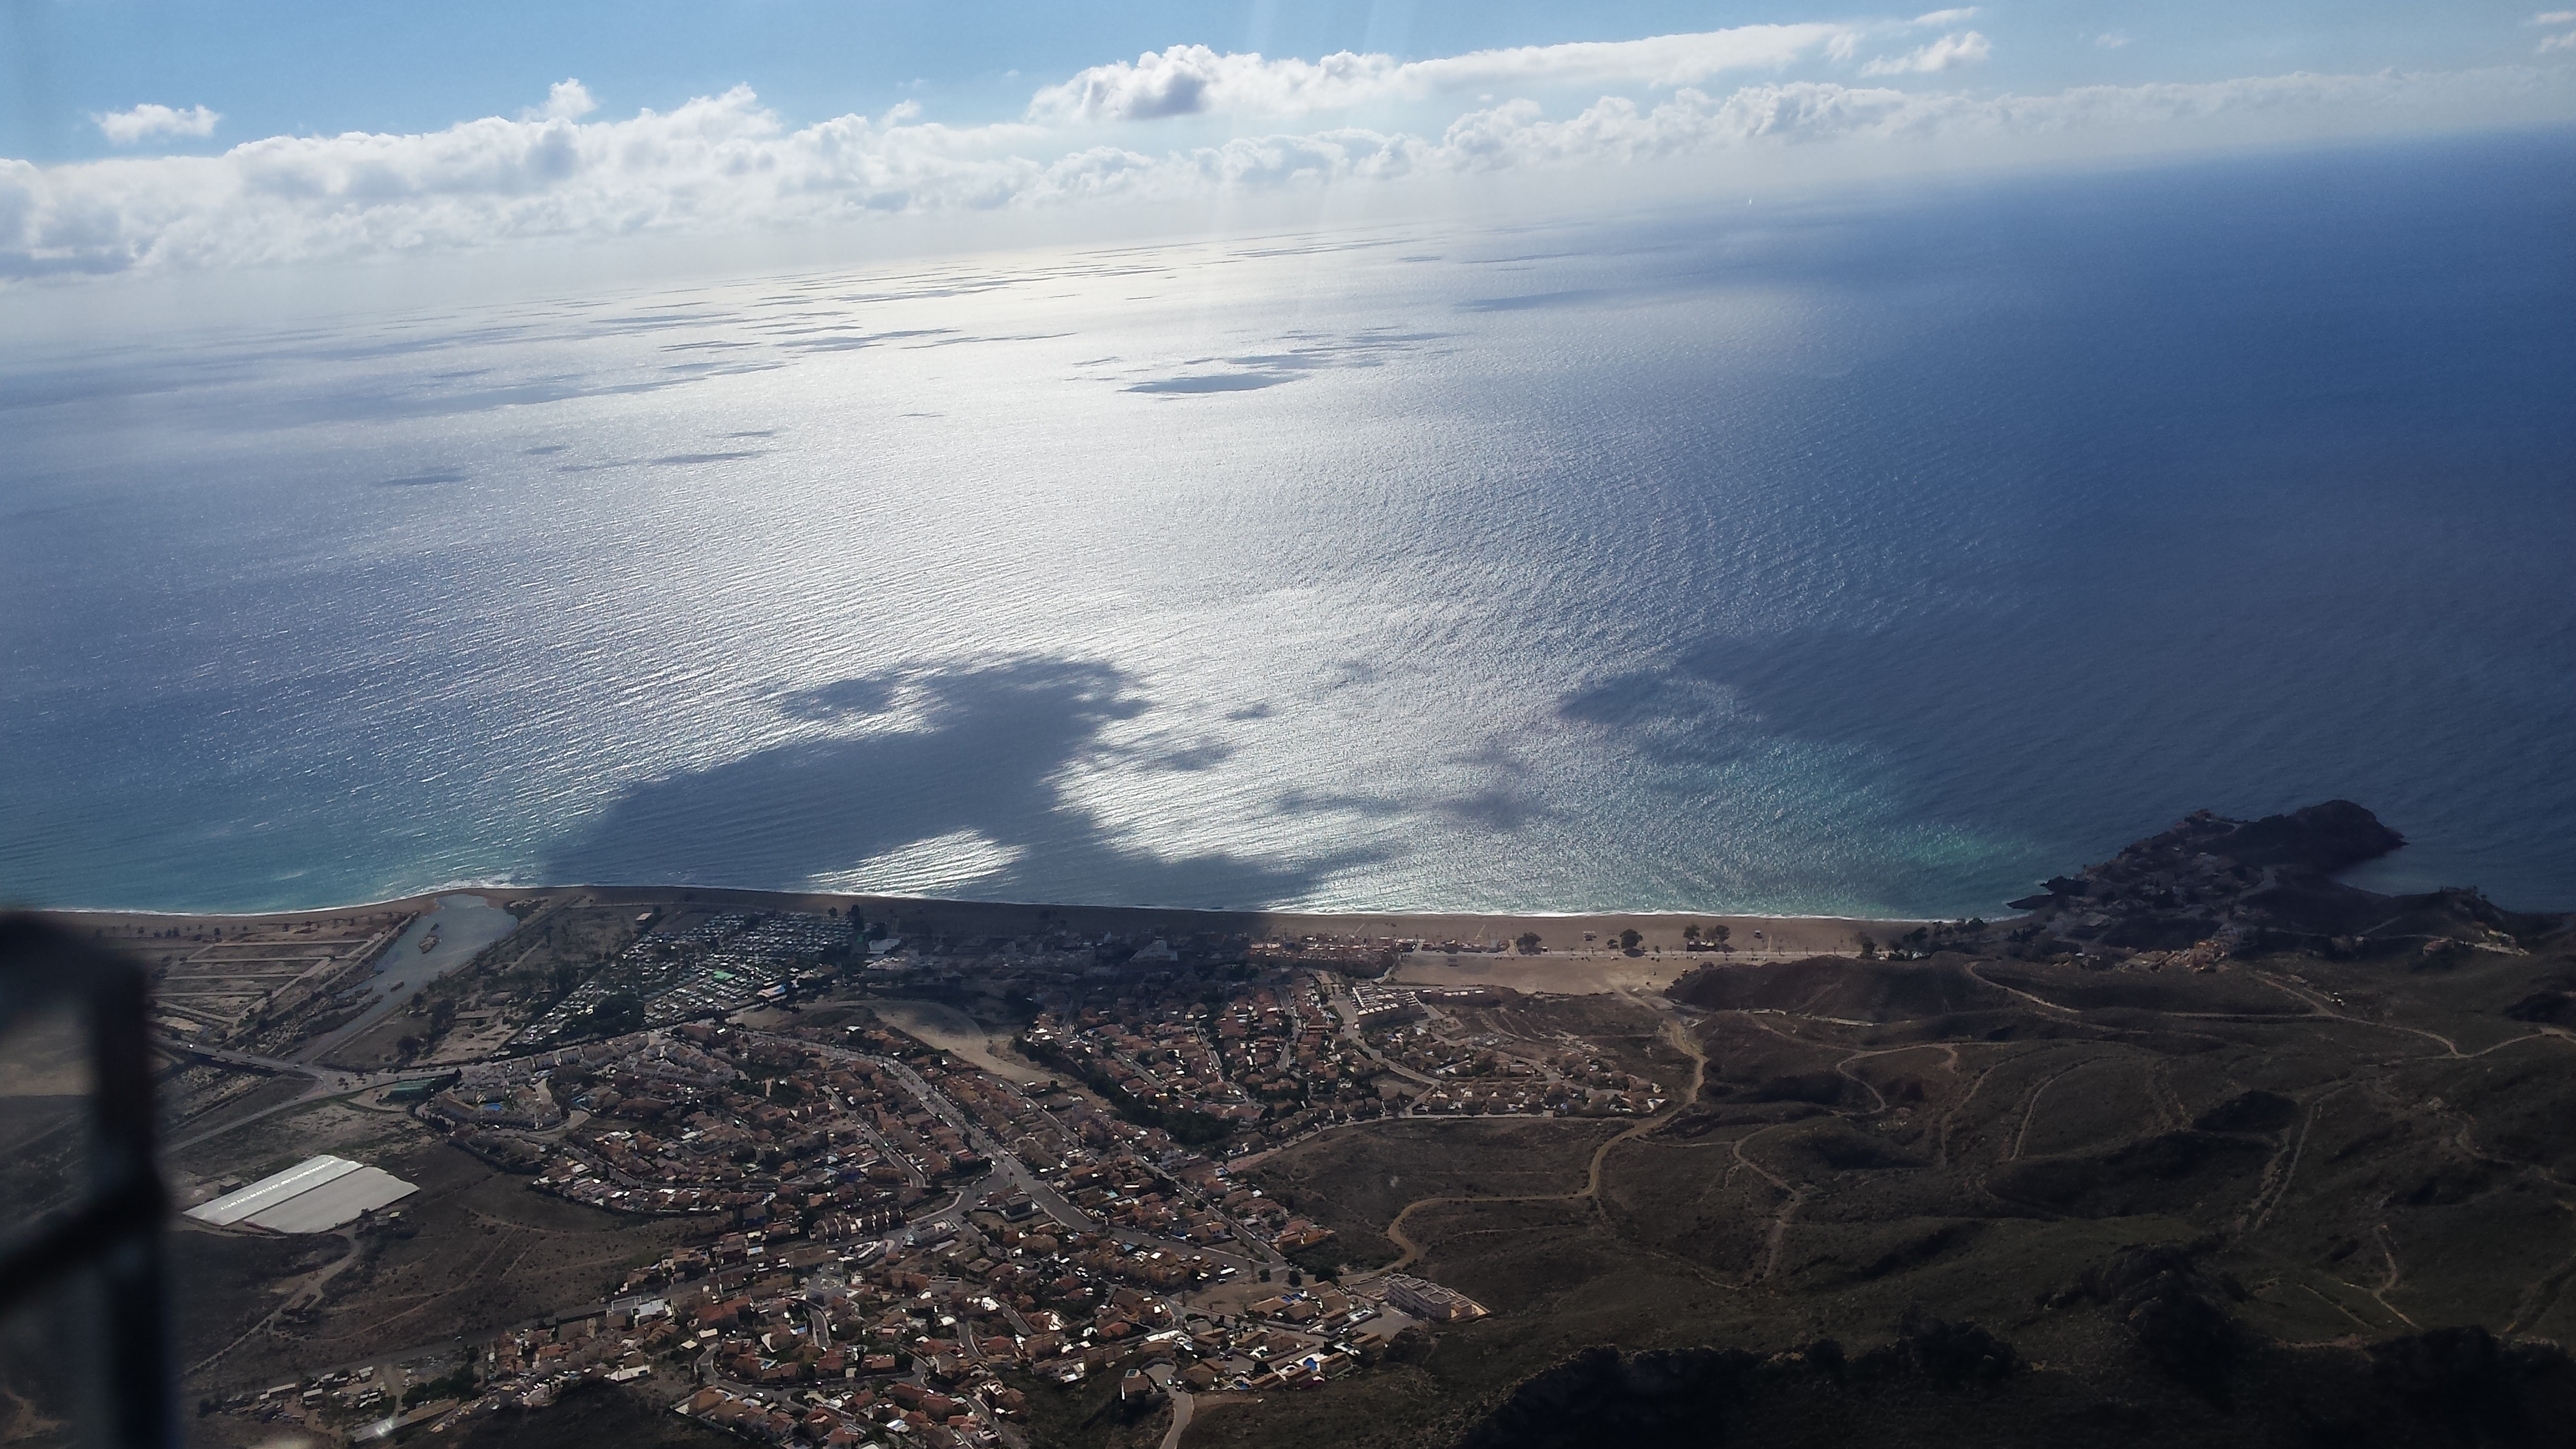 Vistas de la bahía de Mazarrón